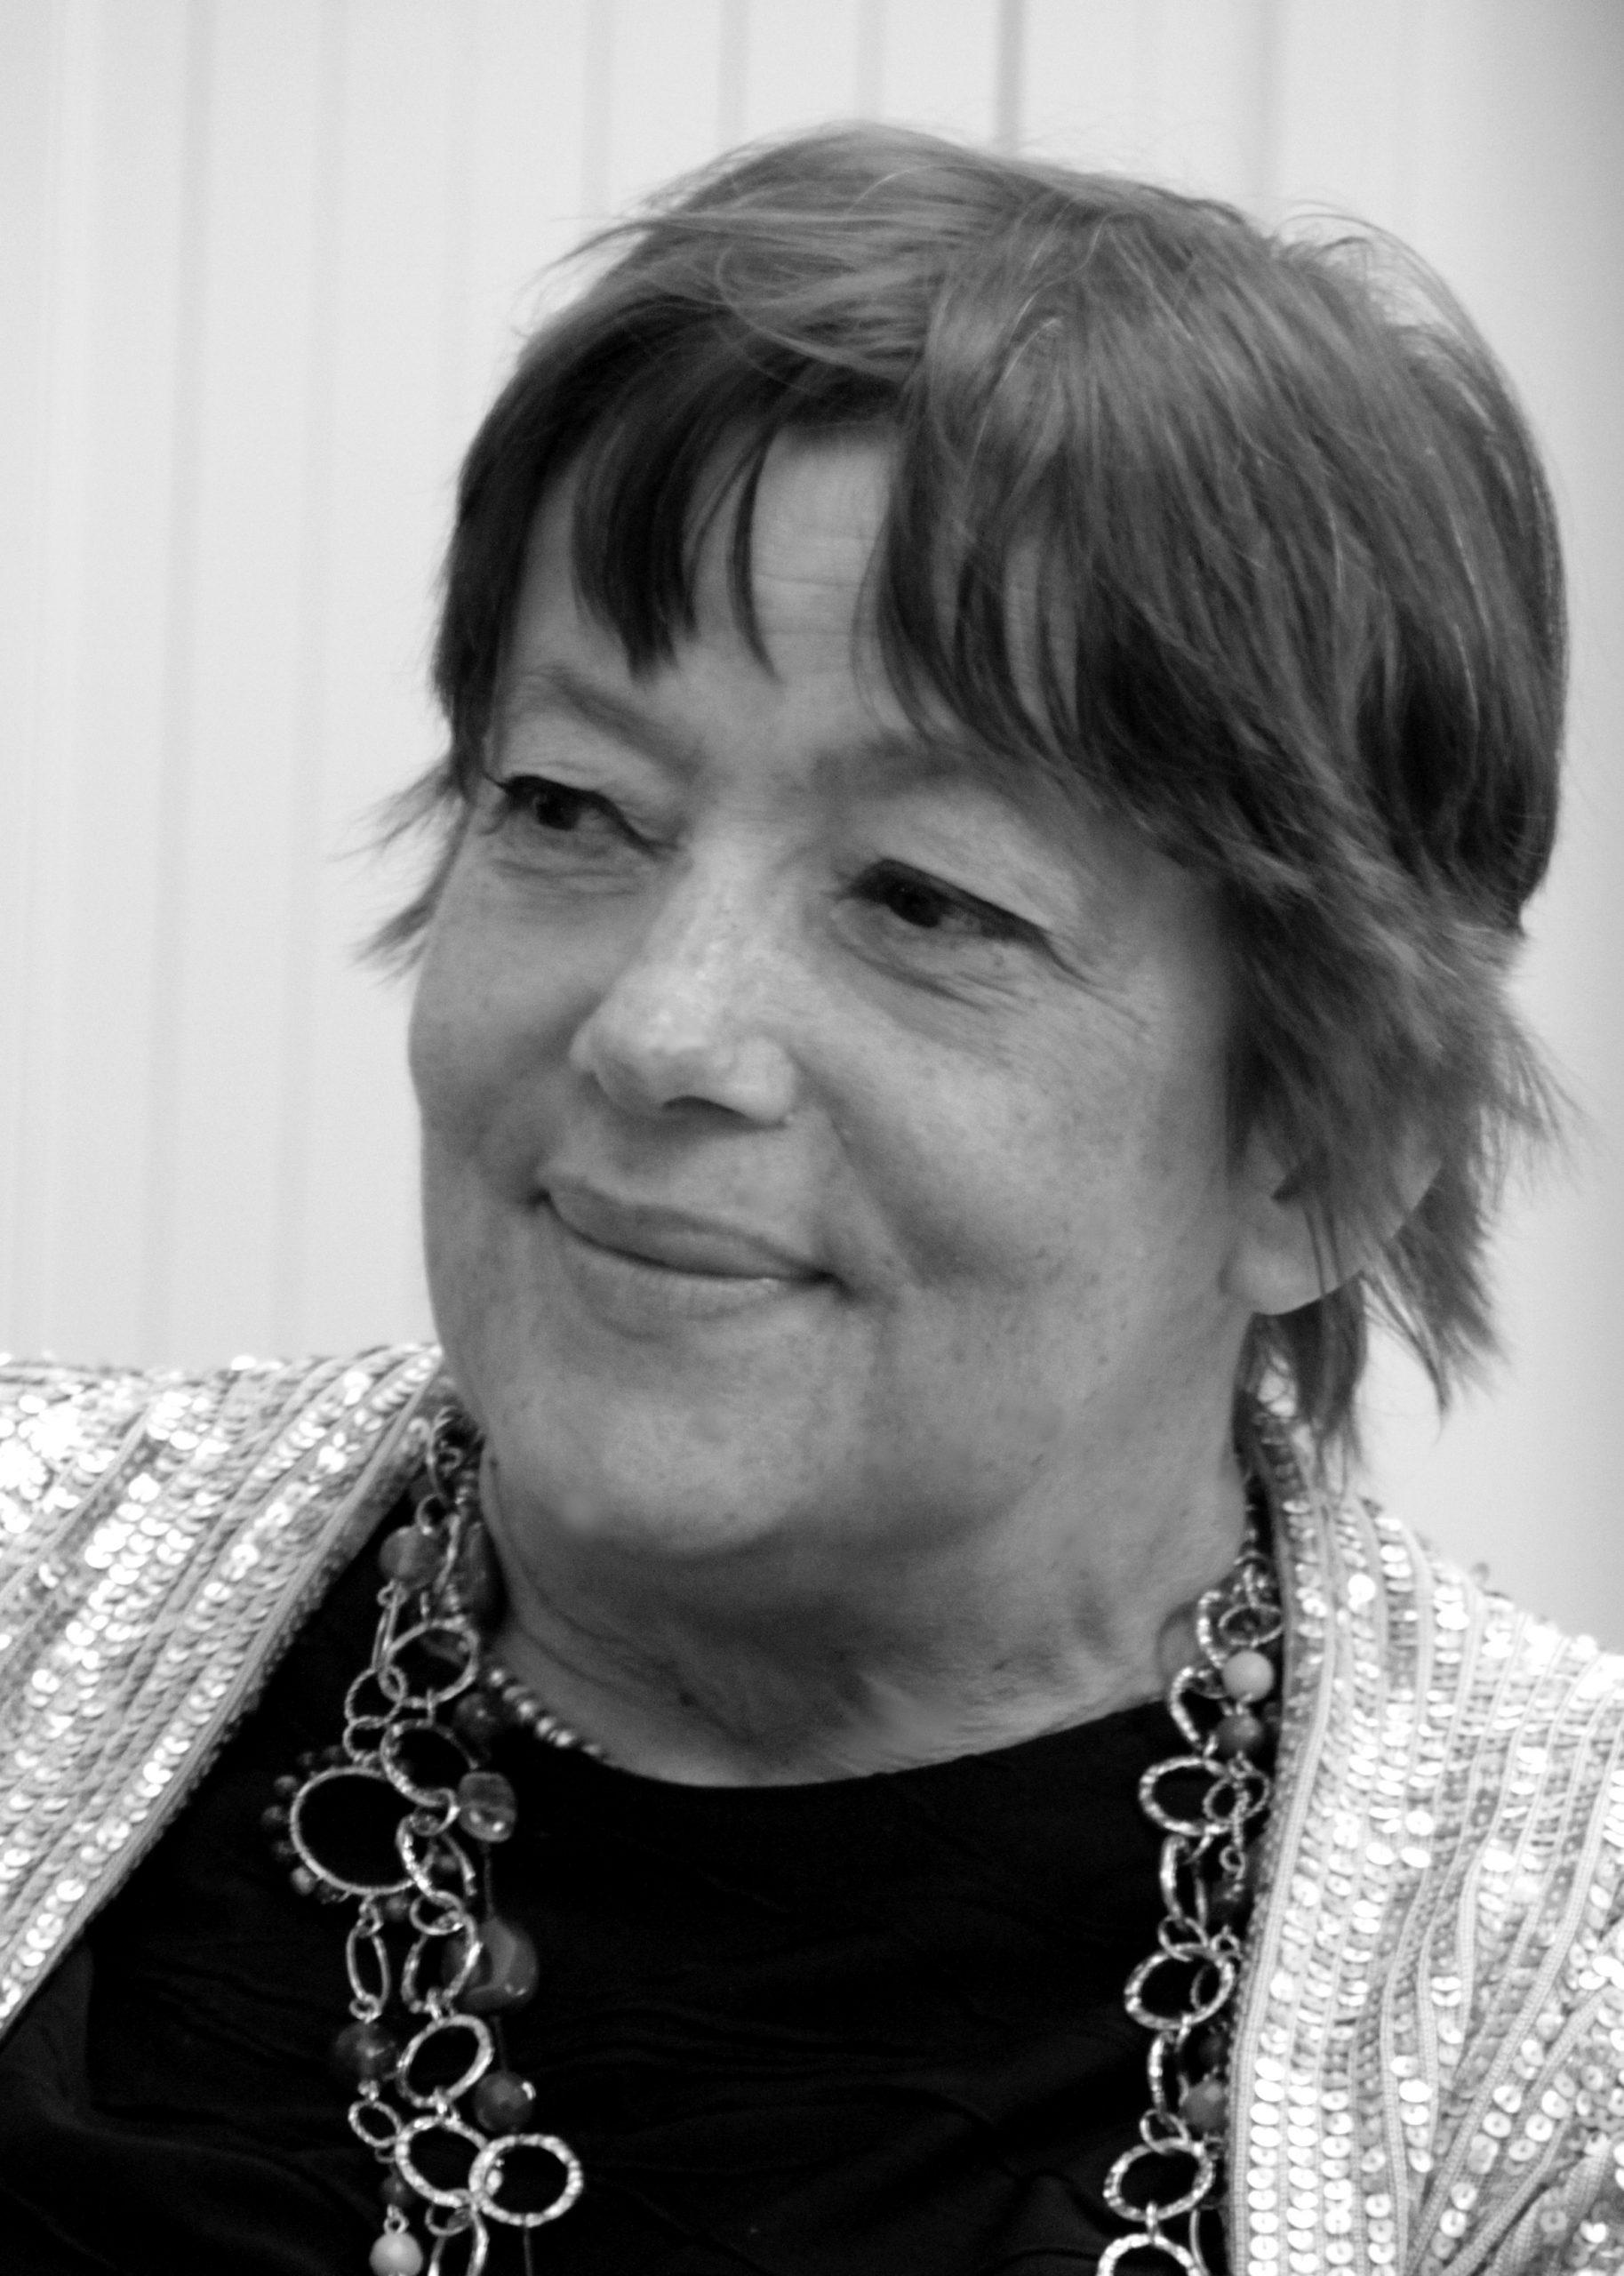 Dieneke Ferguson photographed by Barbara Chandler